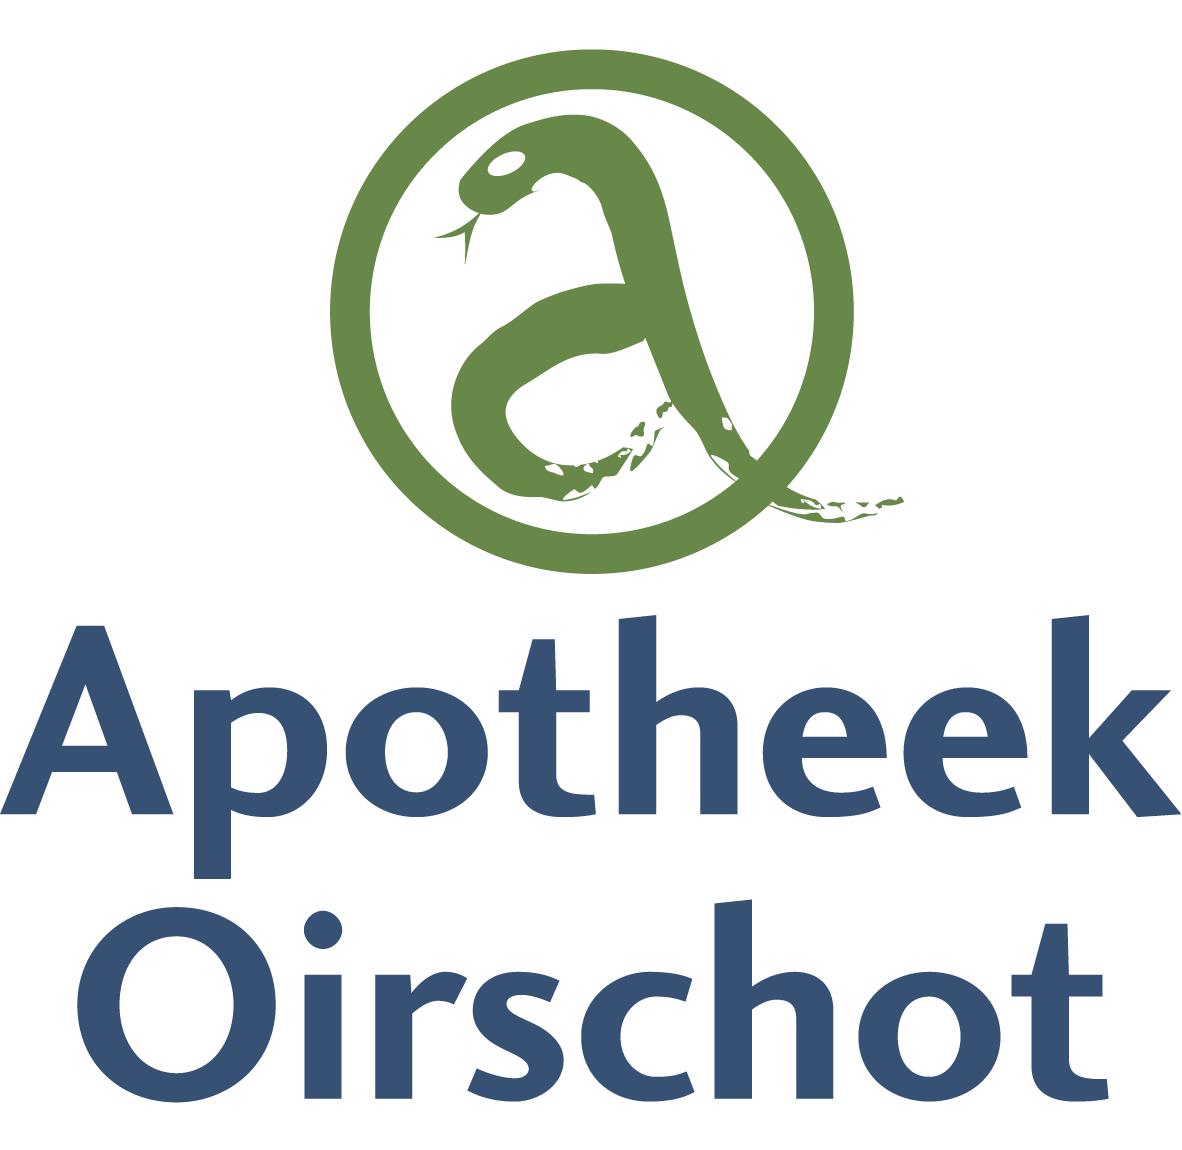 Apotheek Oirschot